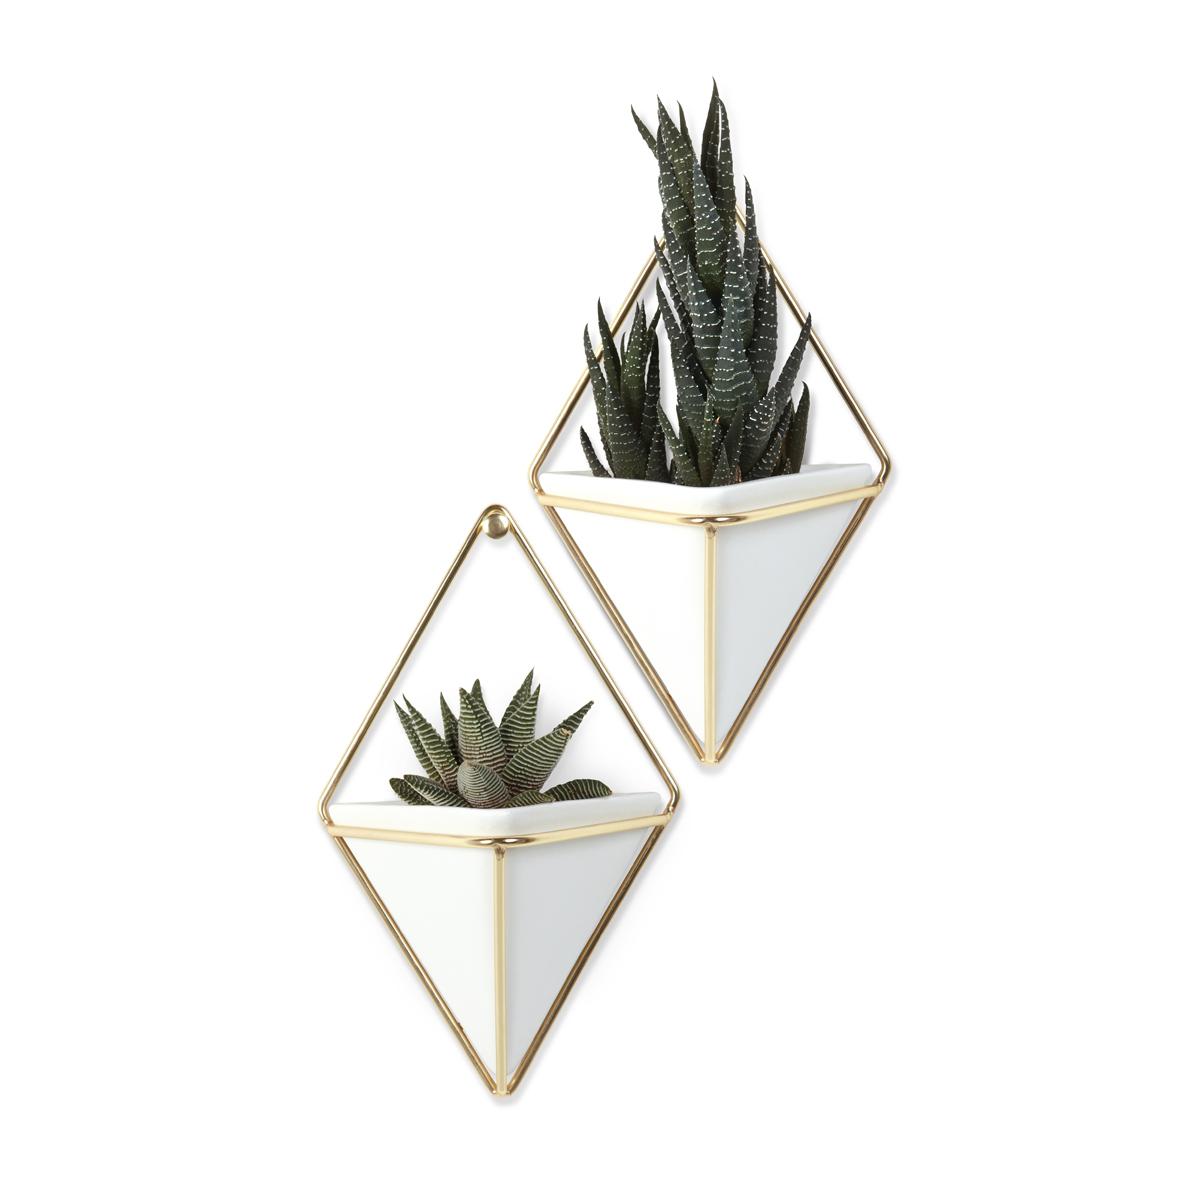 Декоративное украшение Umbra Trigg, настенное, цвет: белый, 2 шт470753-524Строгие геометрические формы не ограничивают воображение, а наоборот, вдохновляют на творчество и создание неповторимых интерьеров. Такой просто и такой эффектный декор сочетает в себе красоту и функциональность: в керамический треугольник можно поместить разные канцелярские мелочи, косметические принадлежности - можно даже использовать его как кашпо! Он вешается на любой гвоздик или вешалку и отлично сочетается с другими декорами, картинами и постерами. В комплекте 2 украшения.